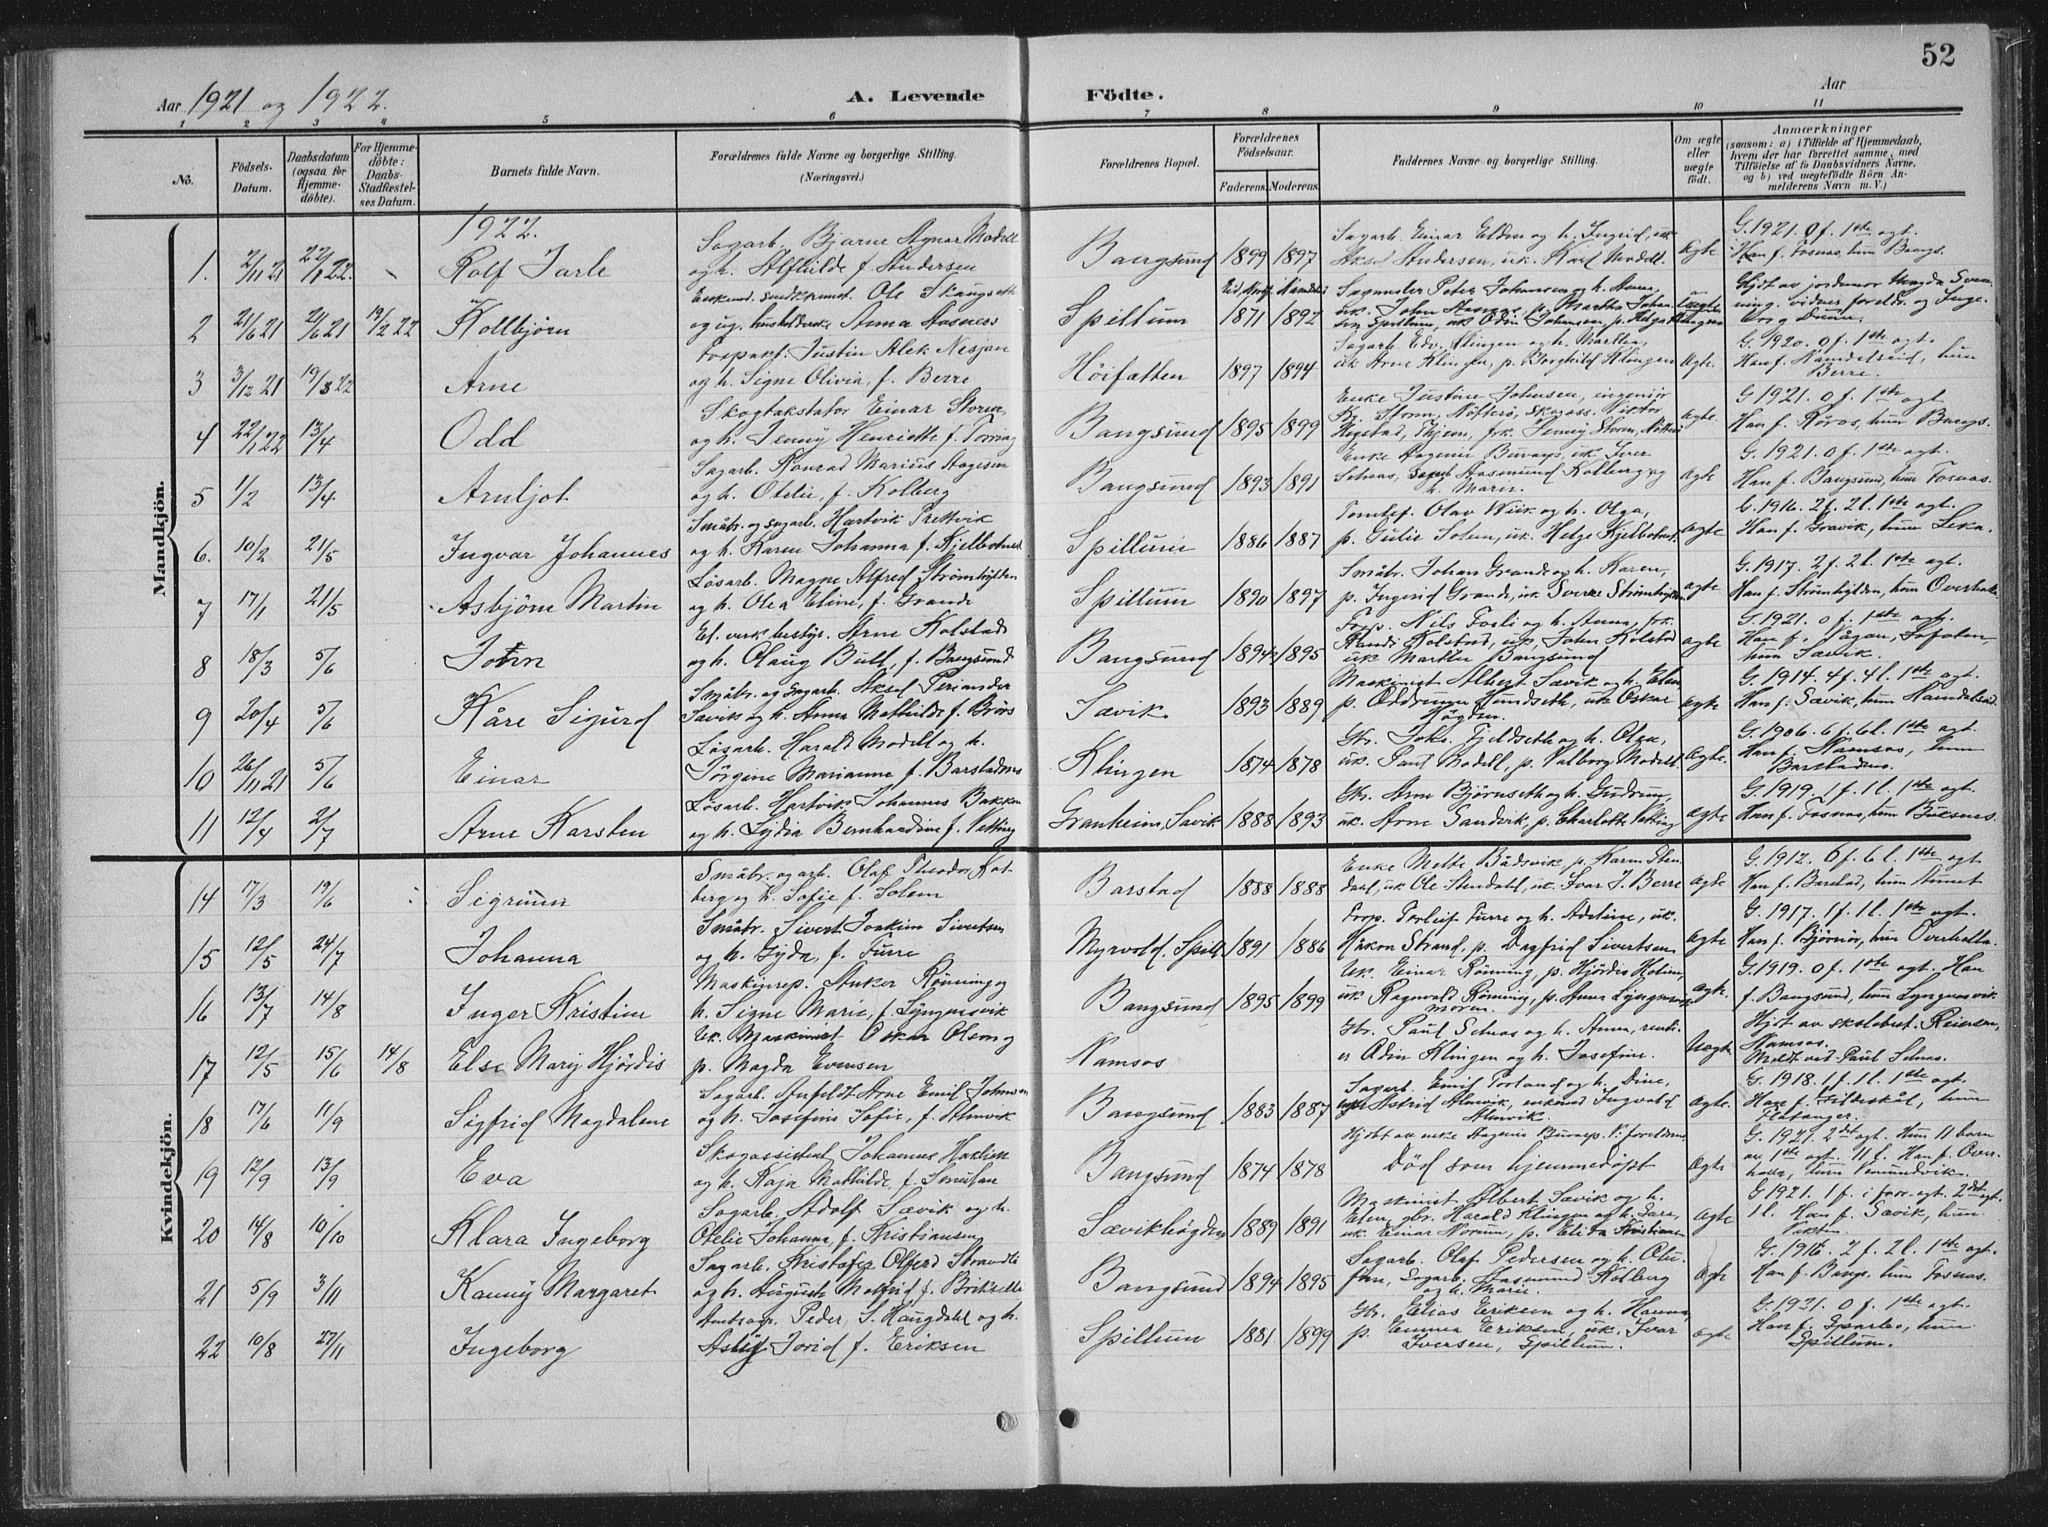 SAT, Ministerialprotokoller, klokkerbøker og fødselsregistre - Nord-Trøndelag, 770/L0591: Klokkerbok nr. 770C02, 1902-1940, s. 52